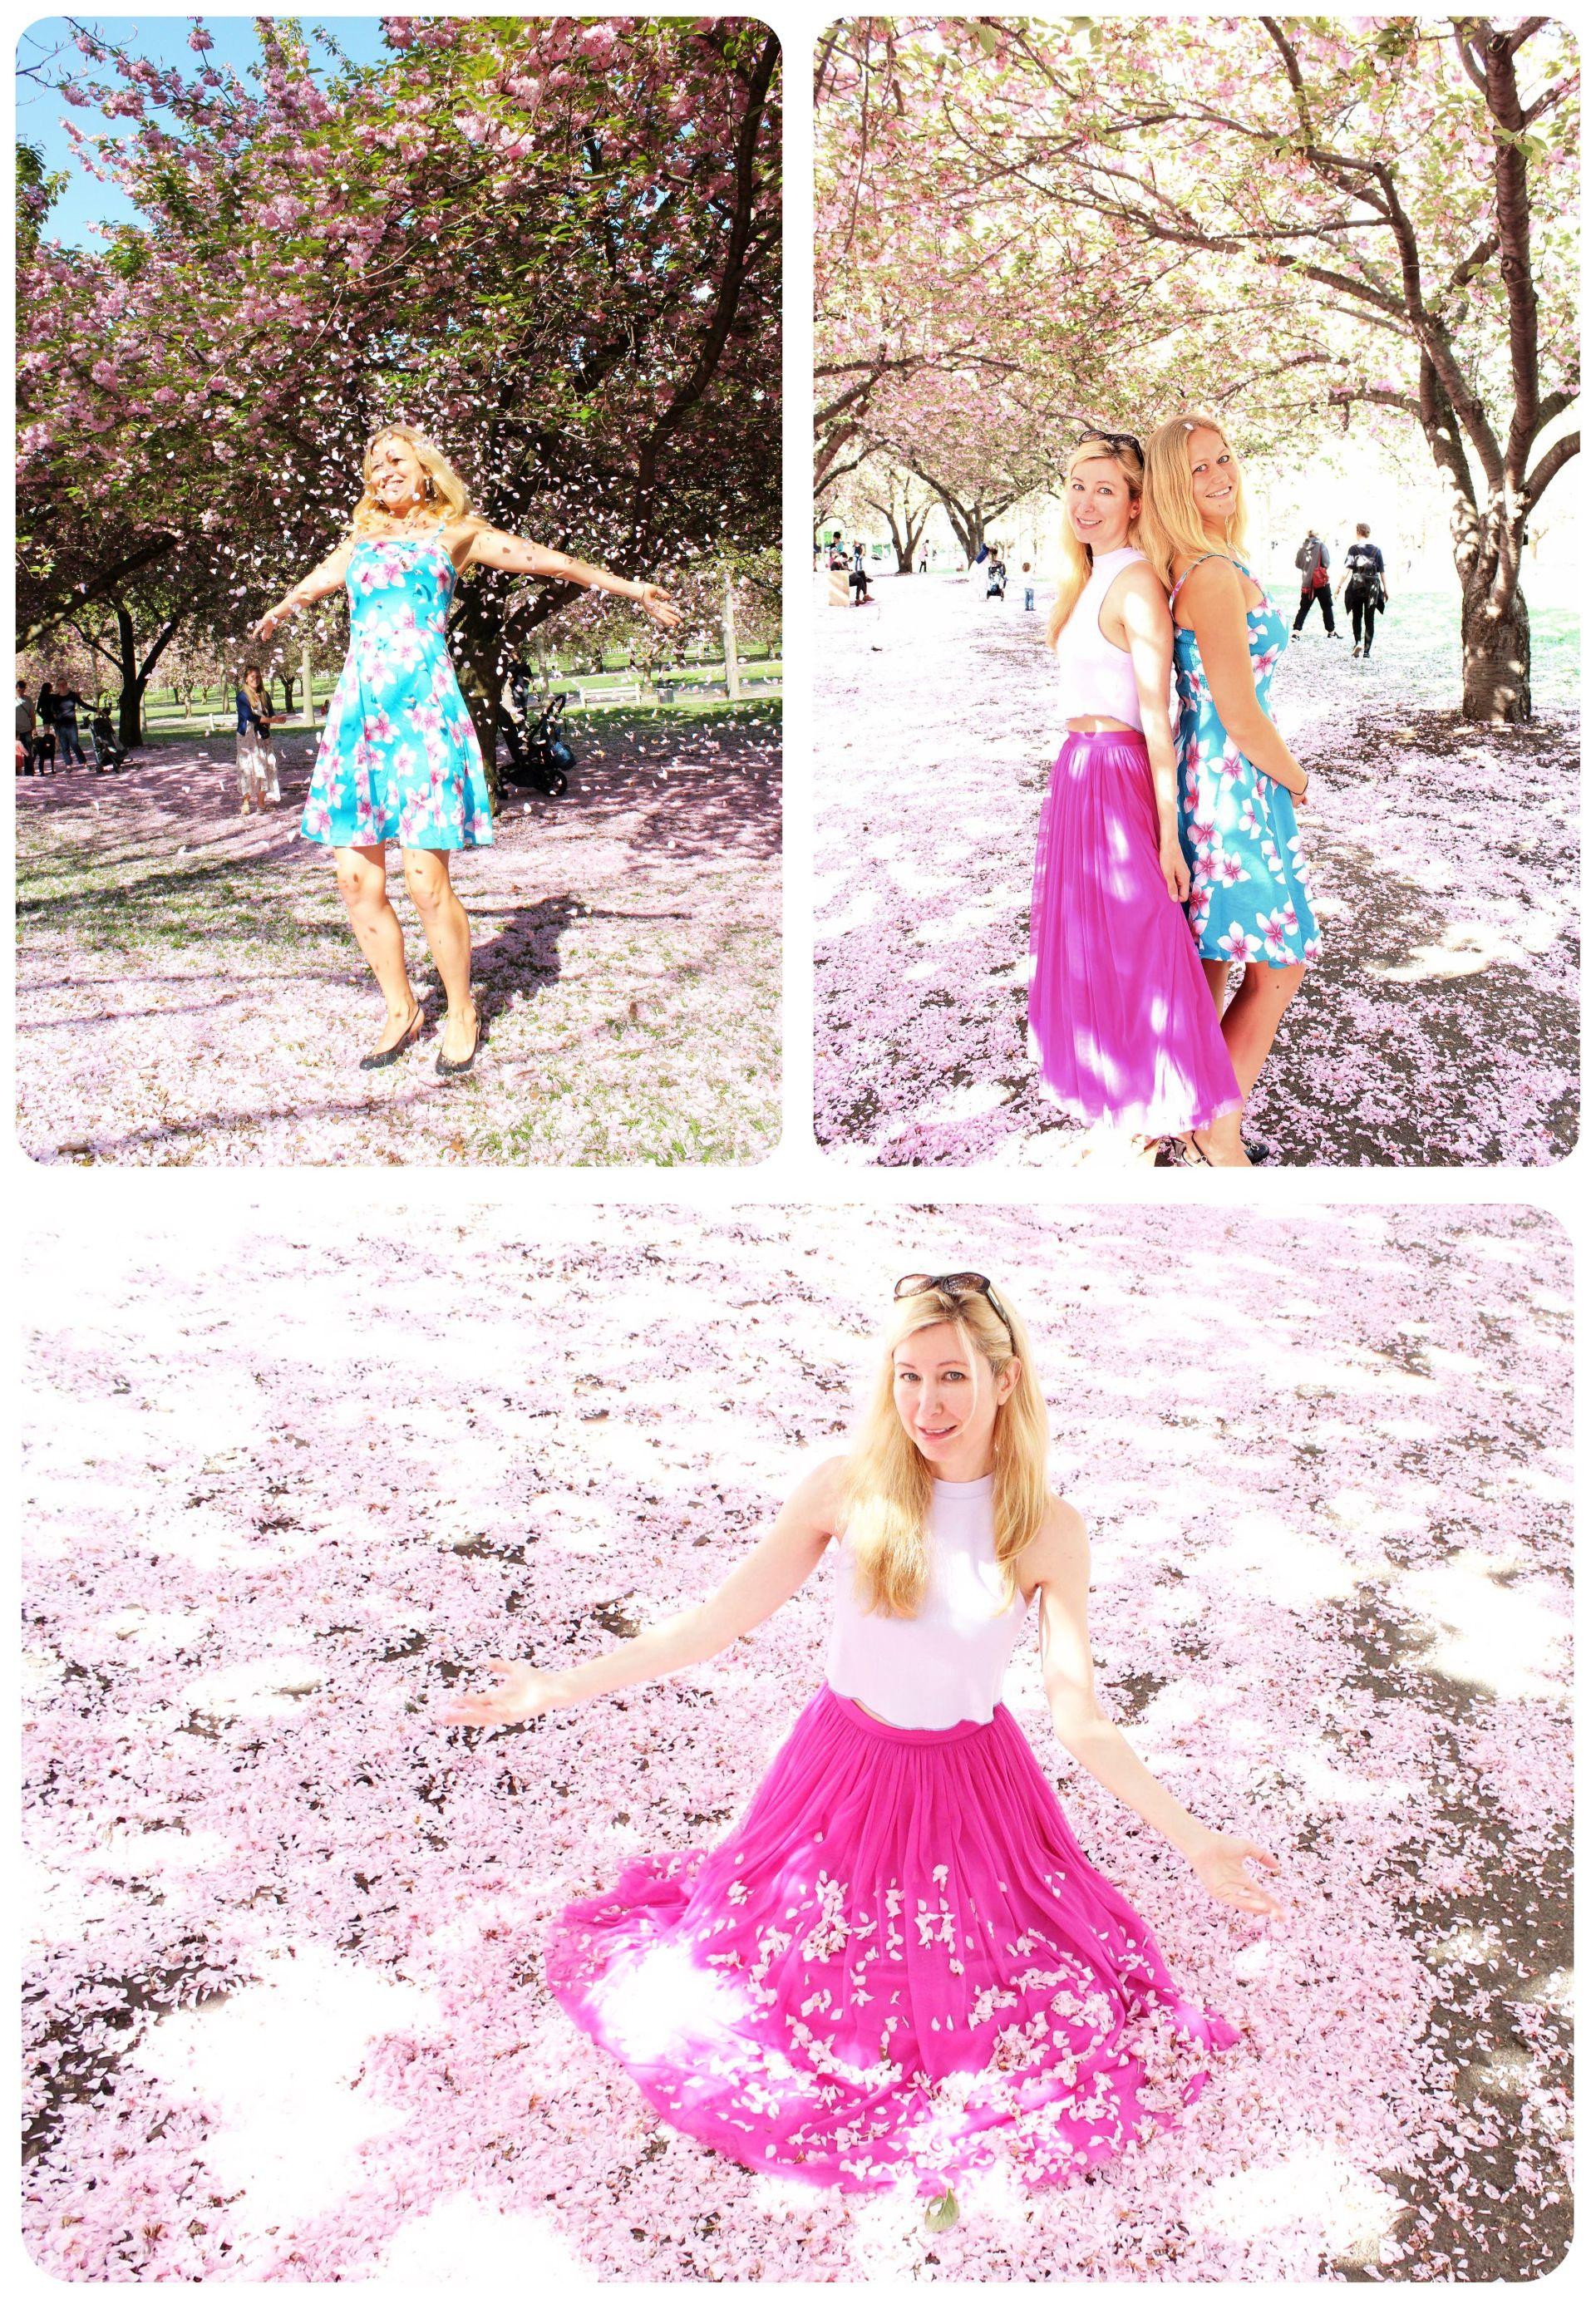 Spring blossom photo shoot